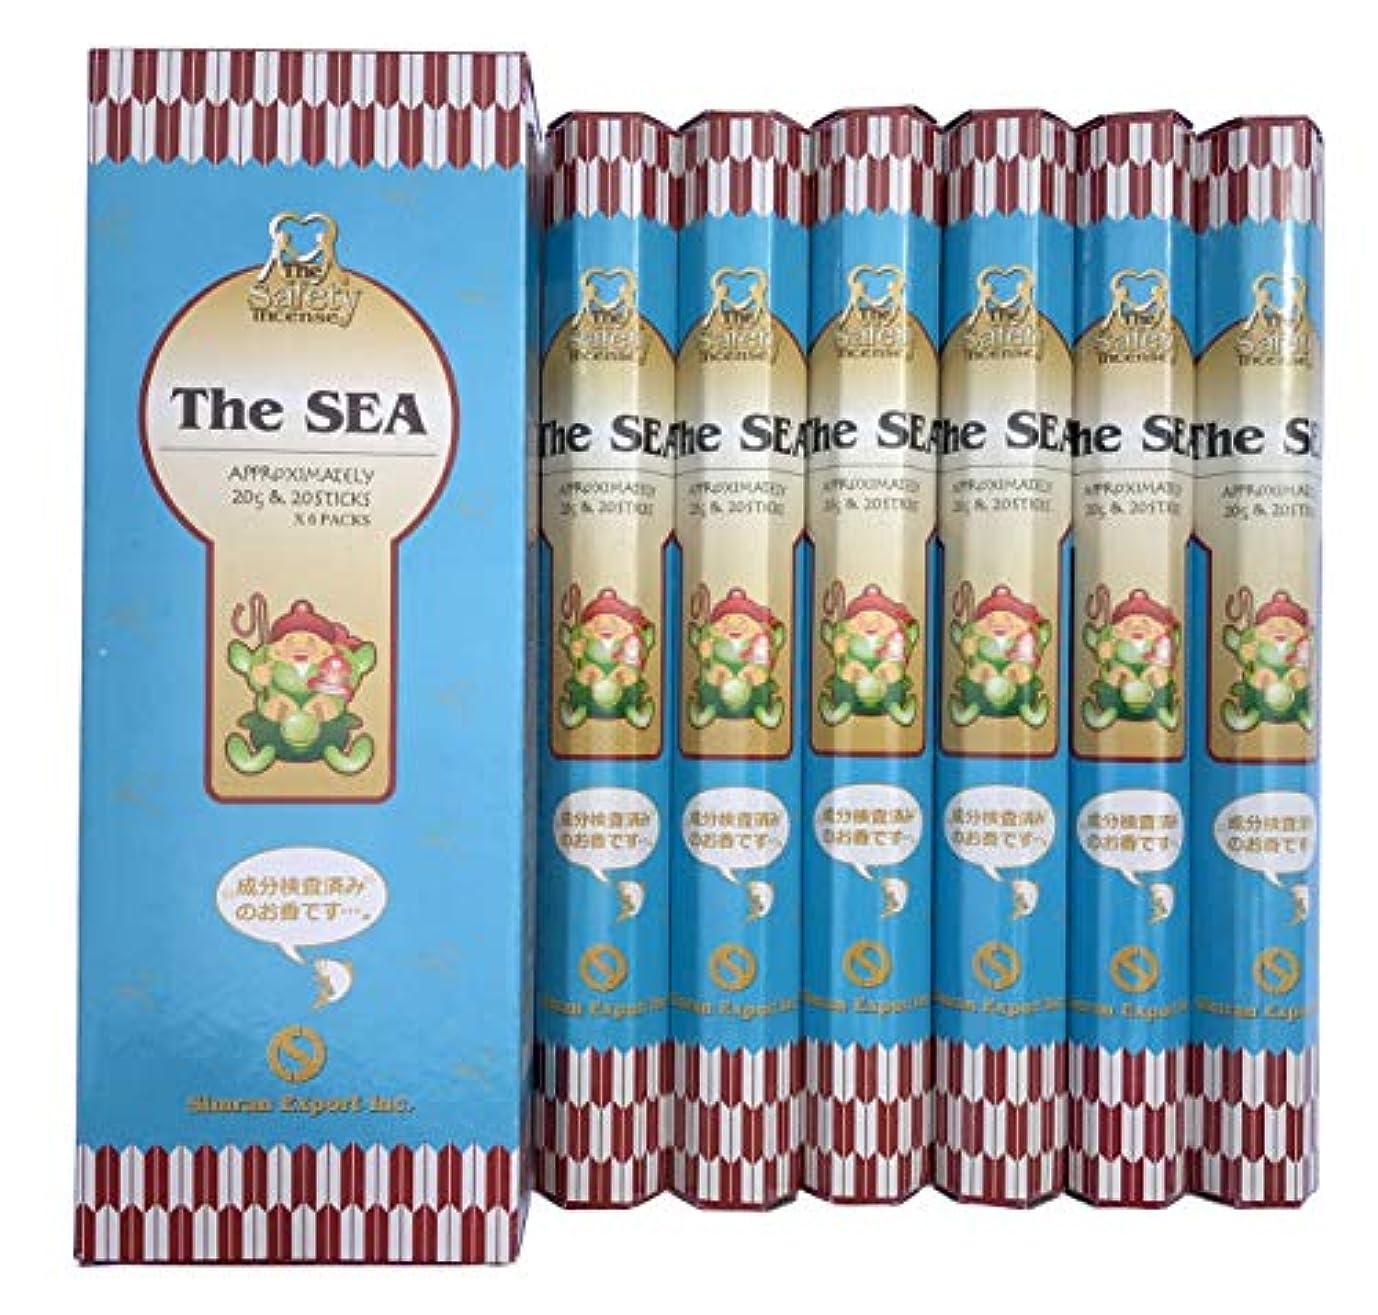 豊富酸化物虚弱インド香 The SEA ザ?シー 潮風の香り スティック 6個セット シムラン社 成分検査済み